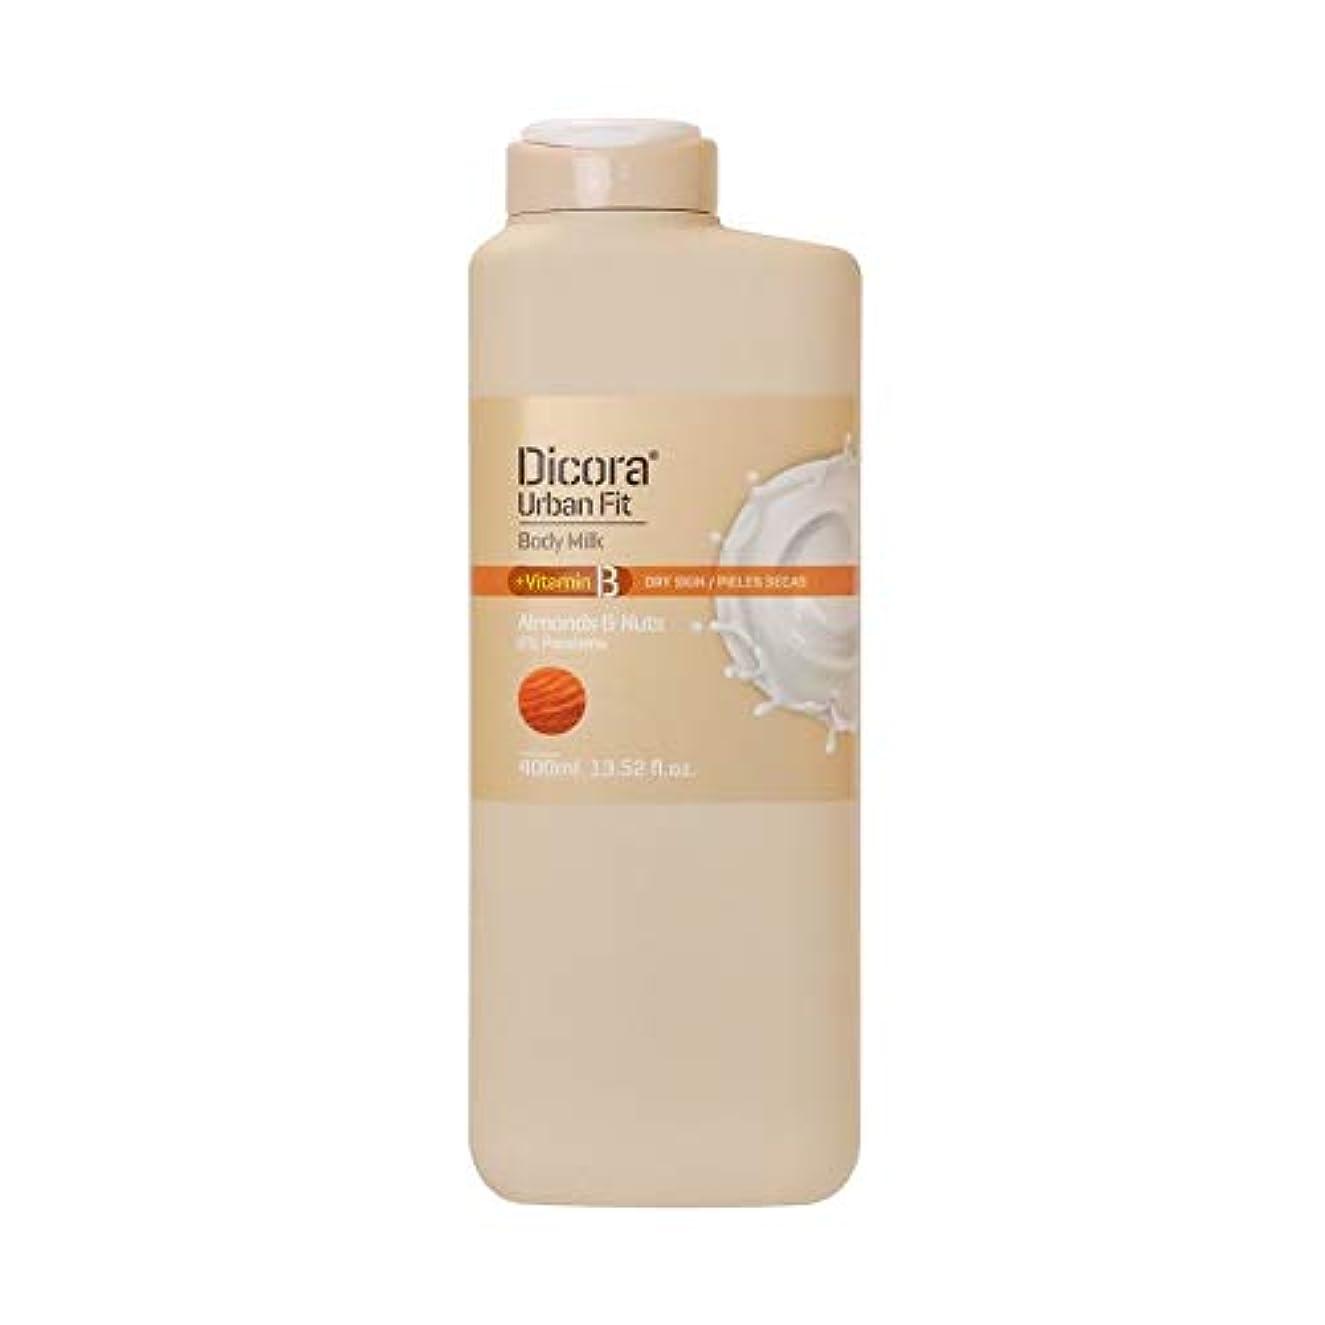 ながら請求週末Dicora(ディコラ) ディコラ アーバンフィット シャワージェル MK&ML 400ml ボディクリーム アーモンド & ナッツの香り